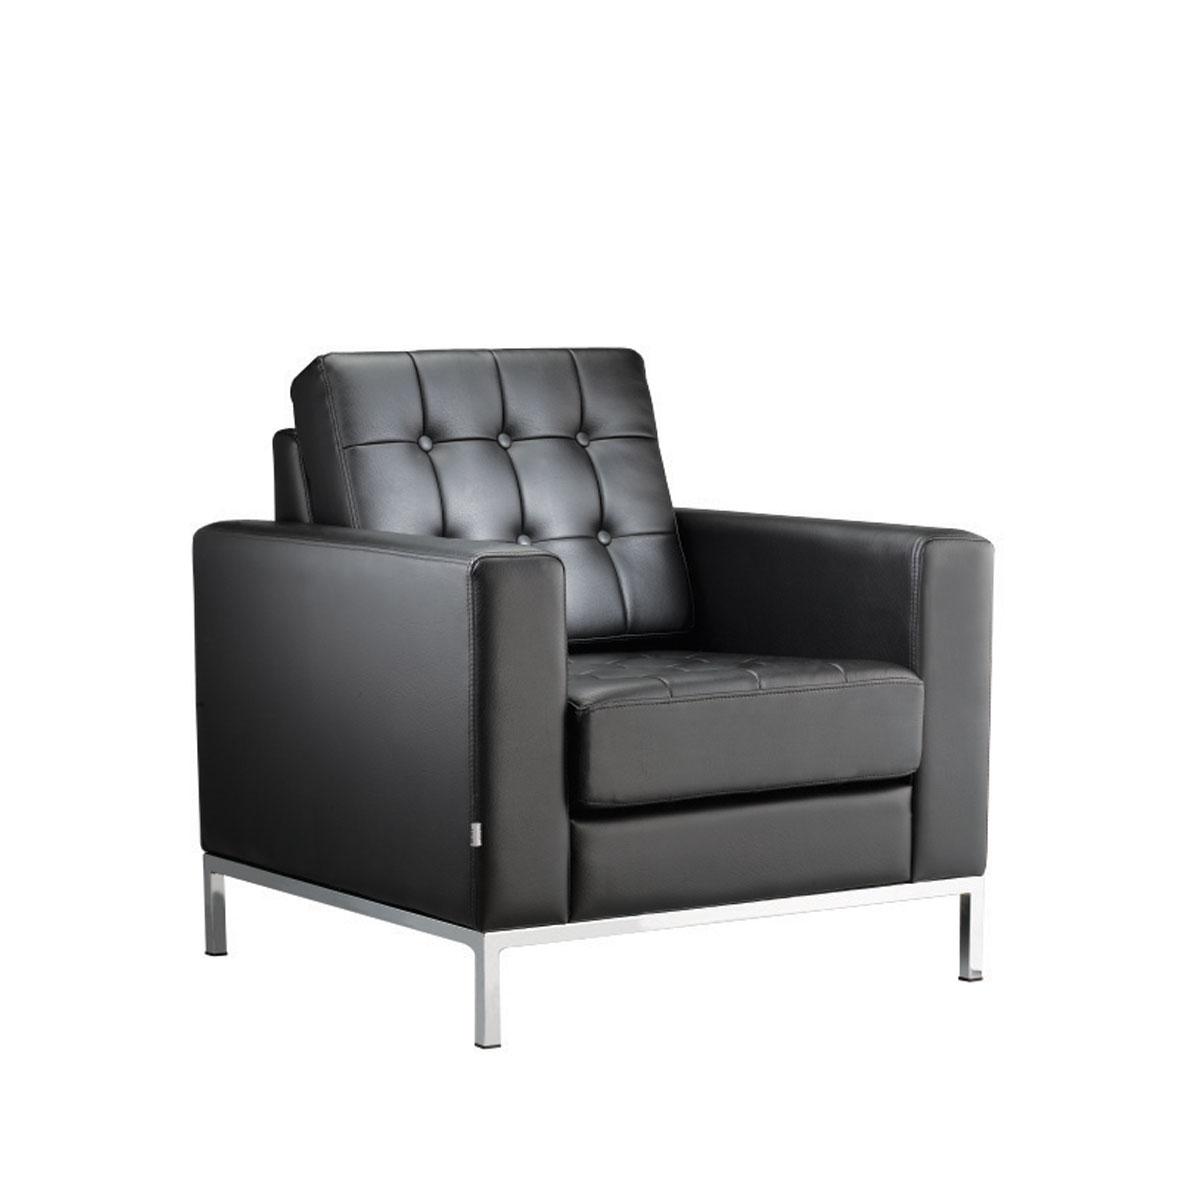 Single Seater Sofa Allium 1